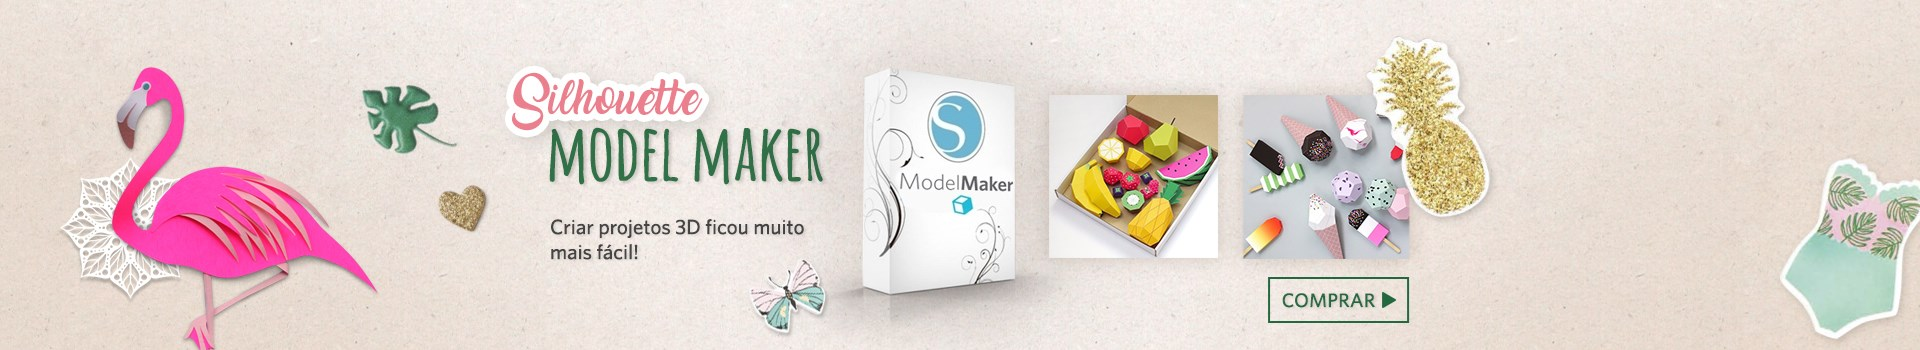 Model Maker